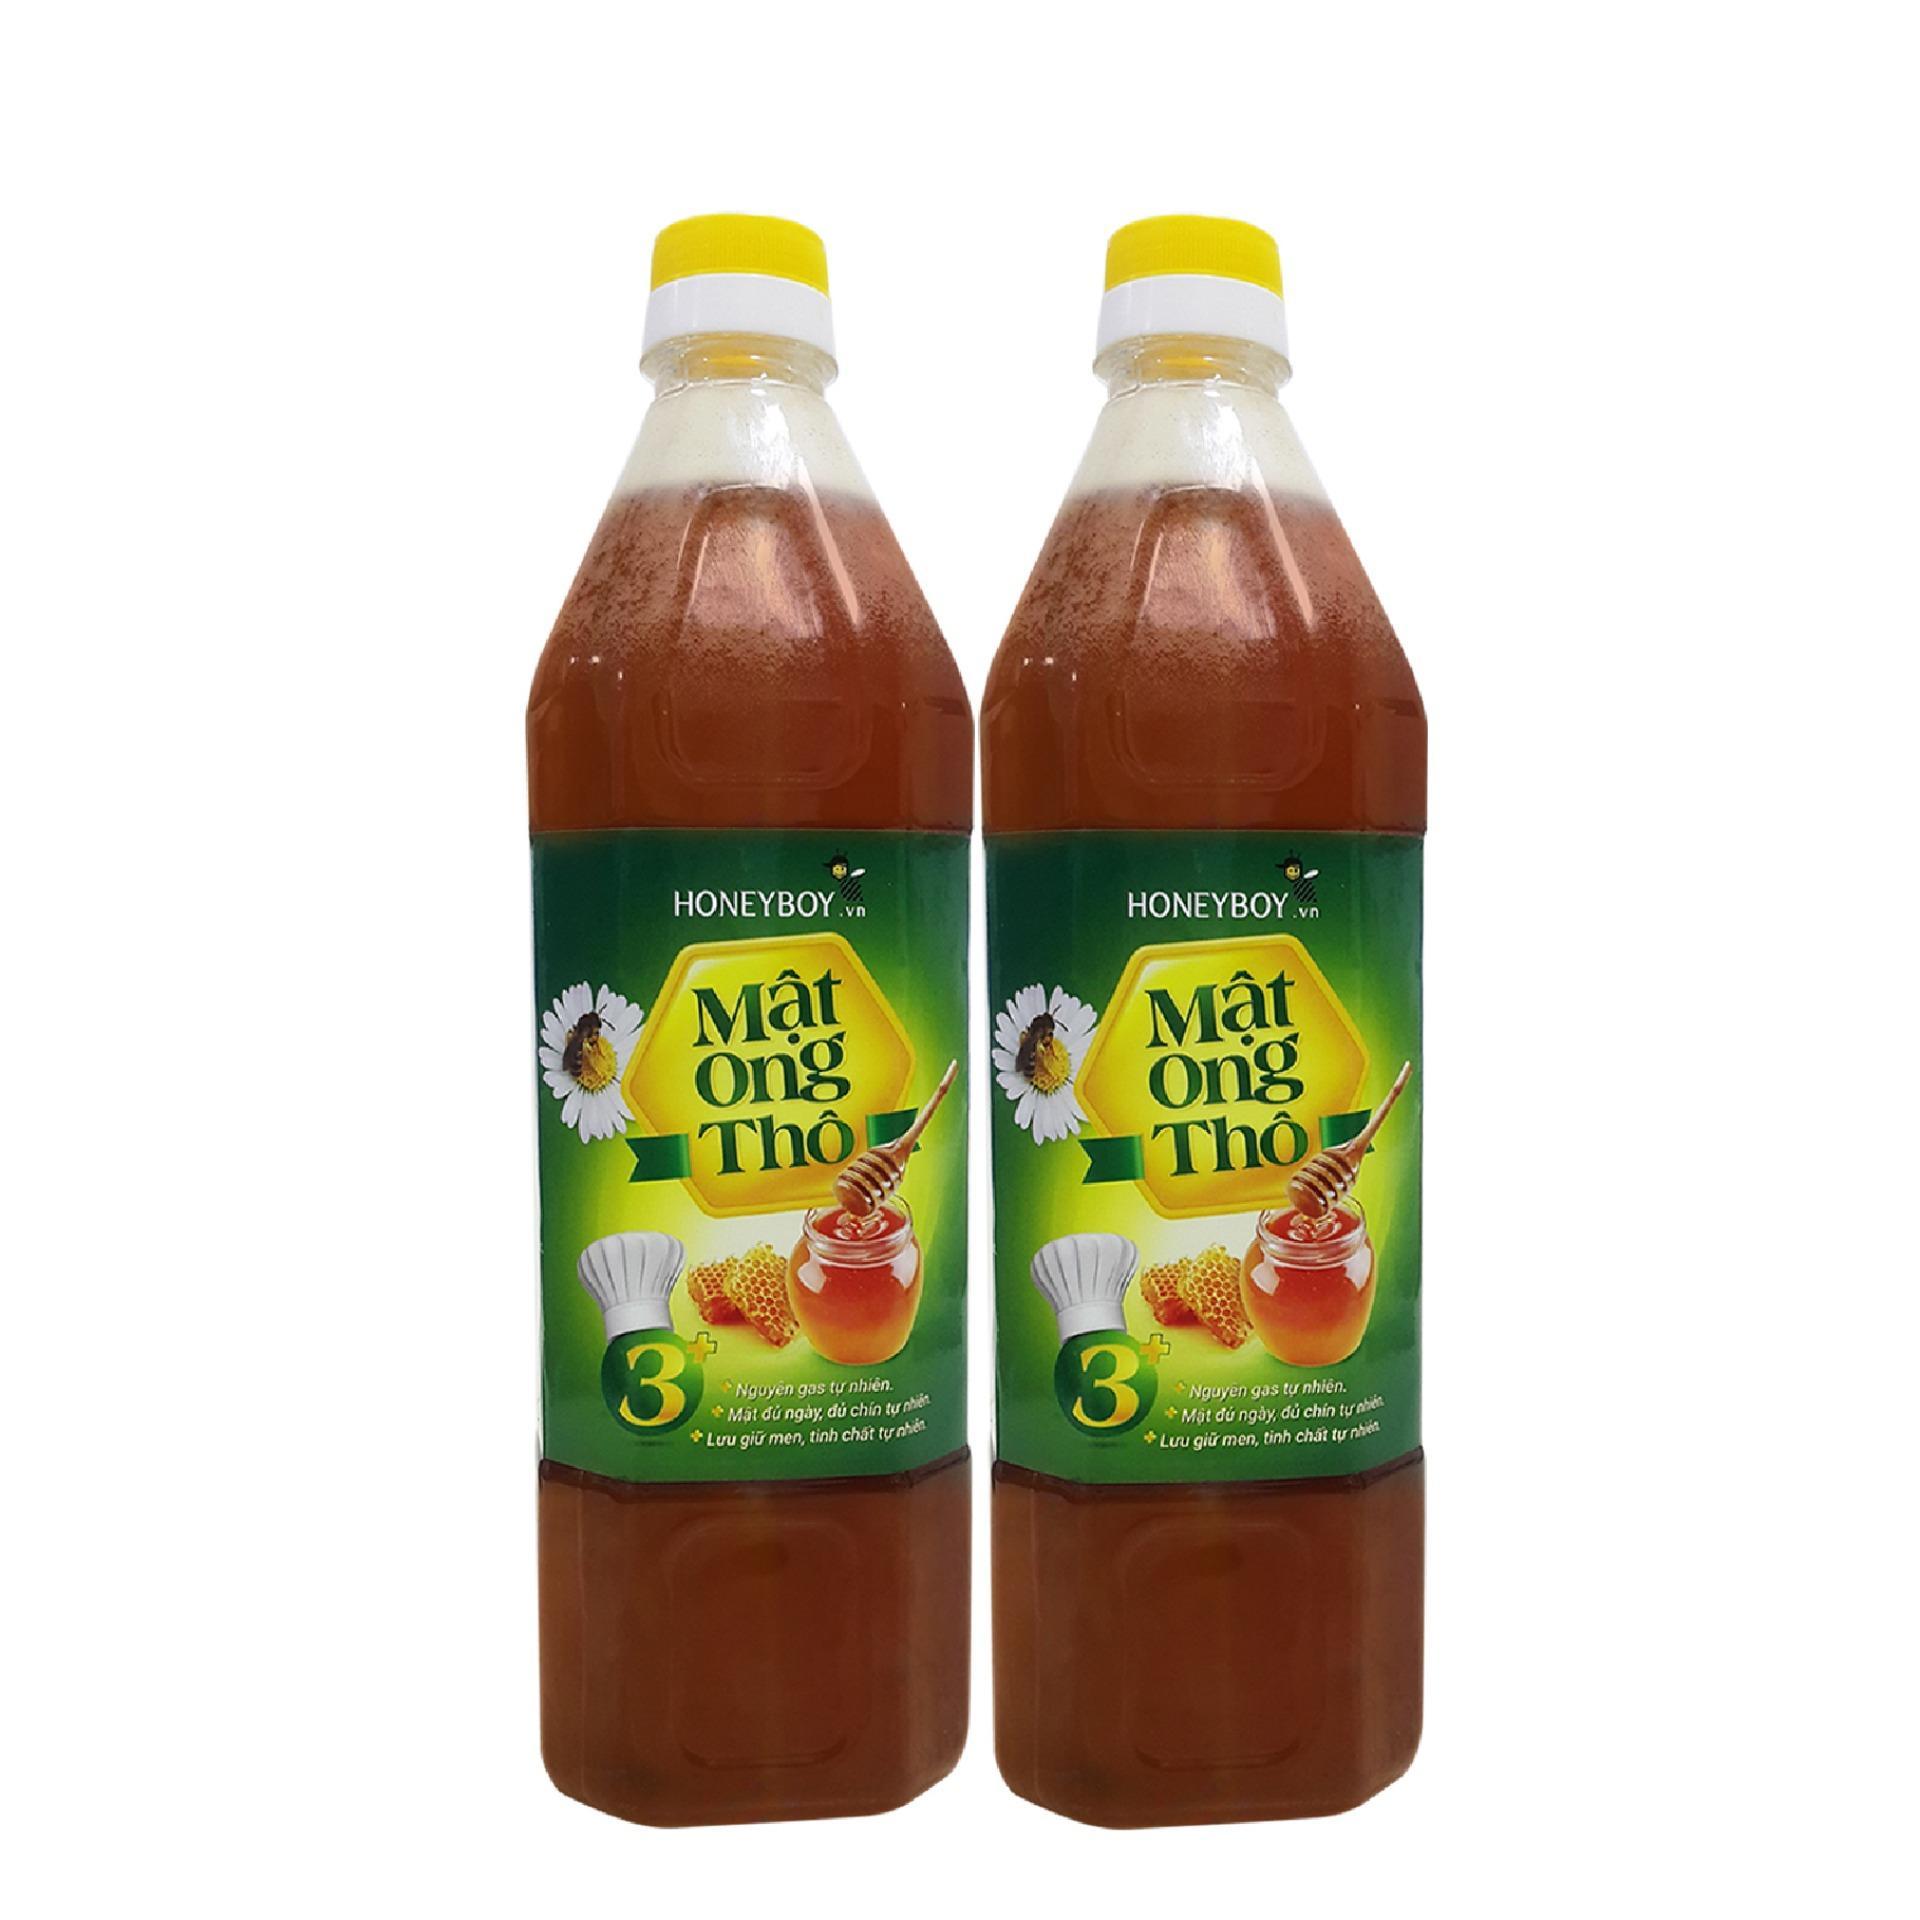 Bán Bộ 2 Mật Ong Tho Honeyboy 1000Ml Rẻ Hồ Chí Minh